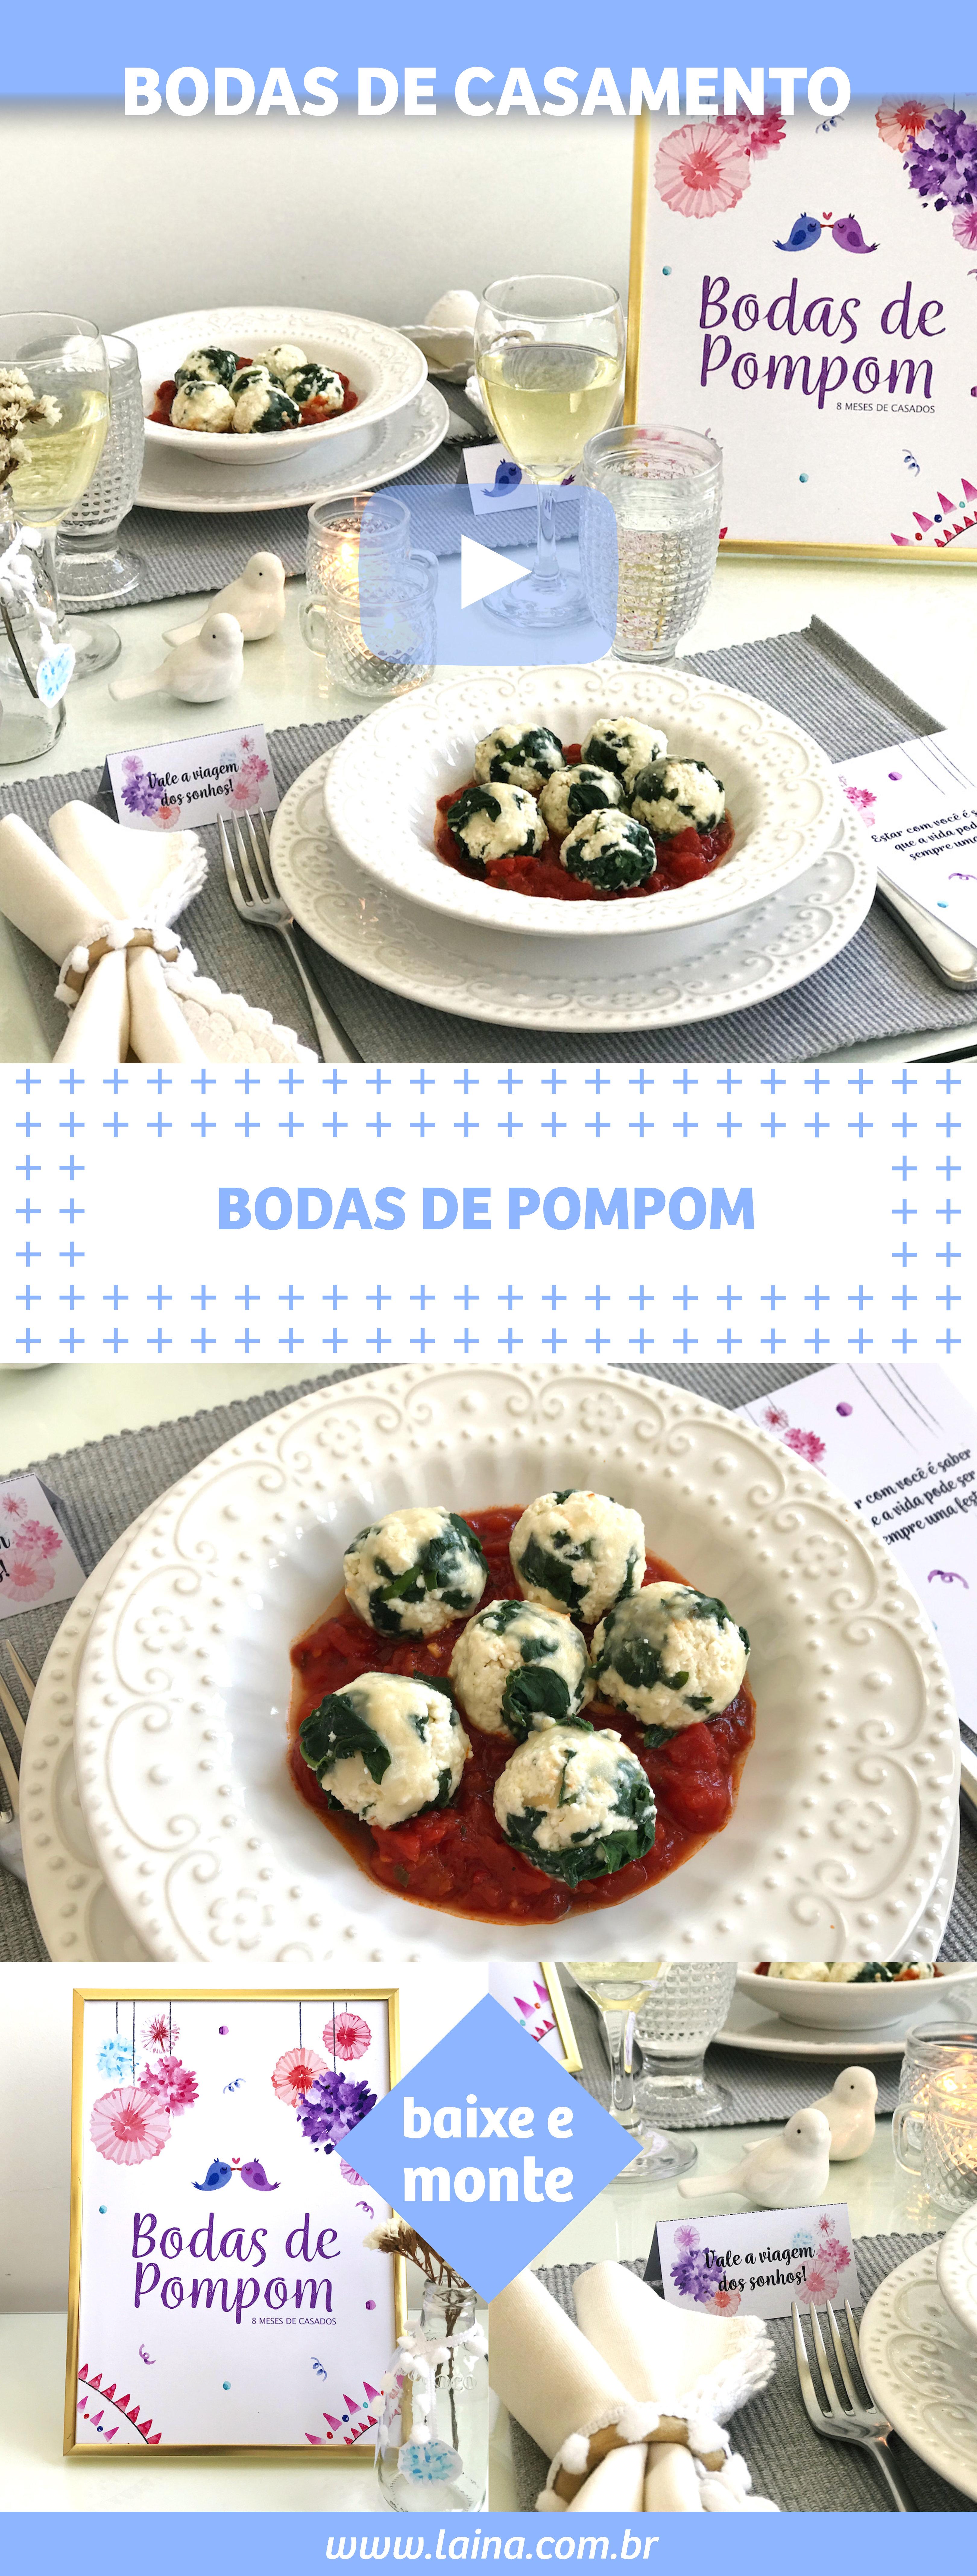 BBodas de Pompom: Como surpreender o seu amor com um jantar especial